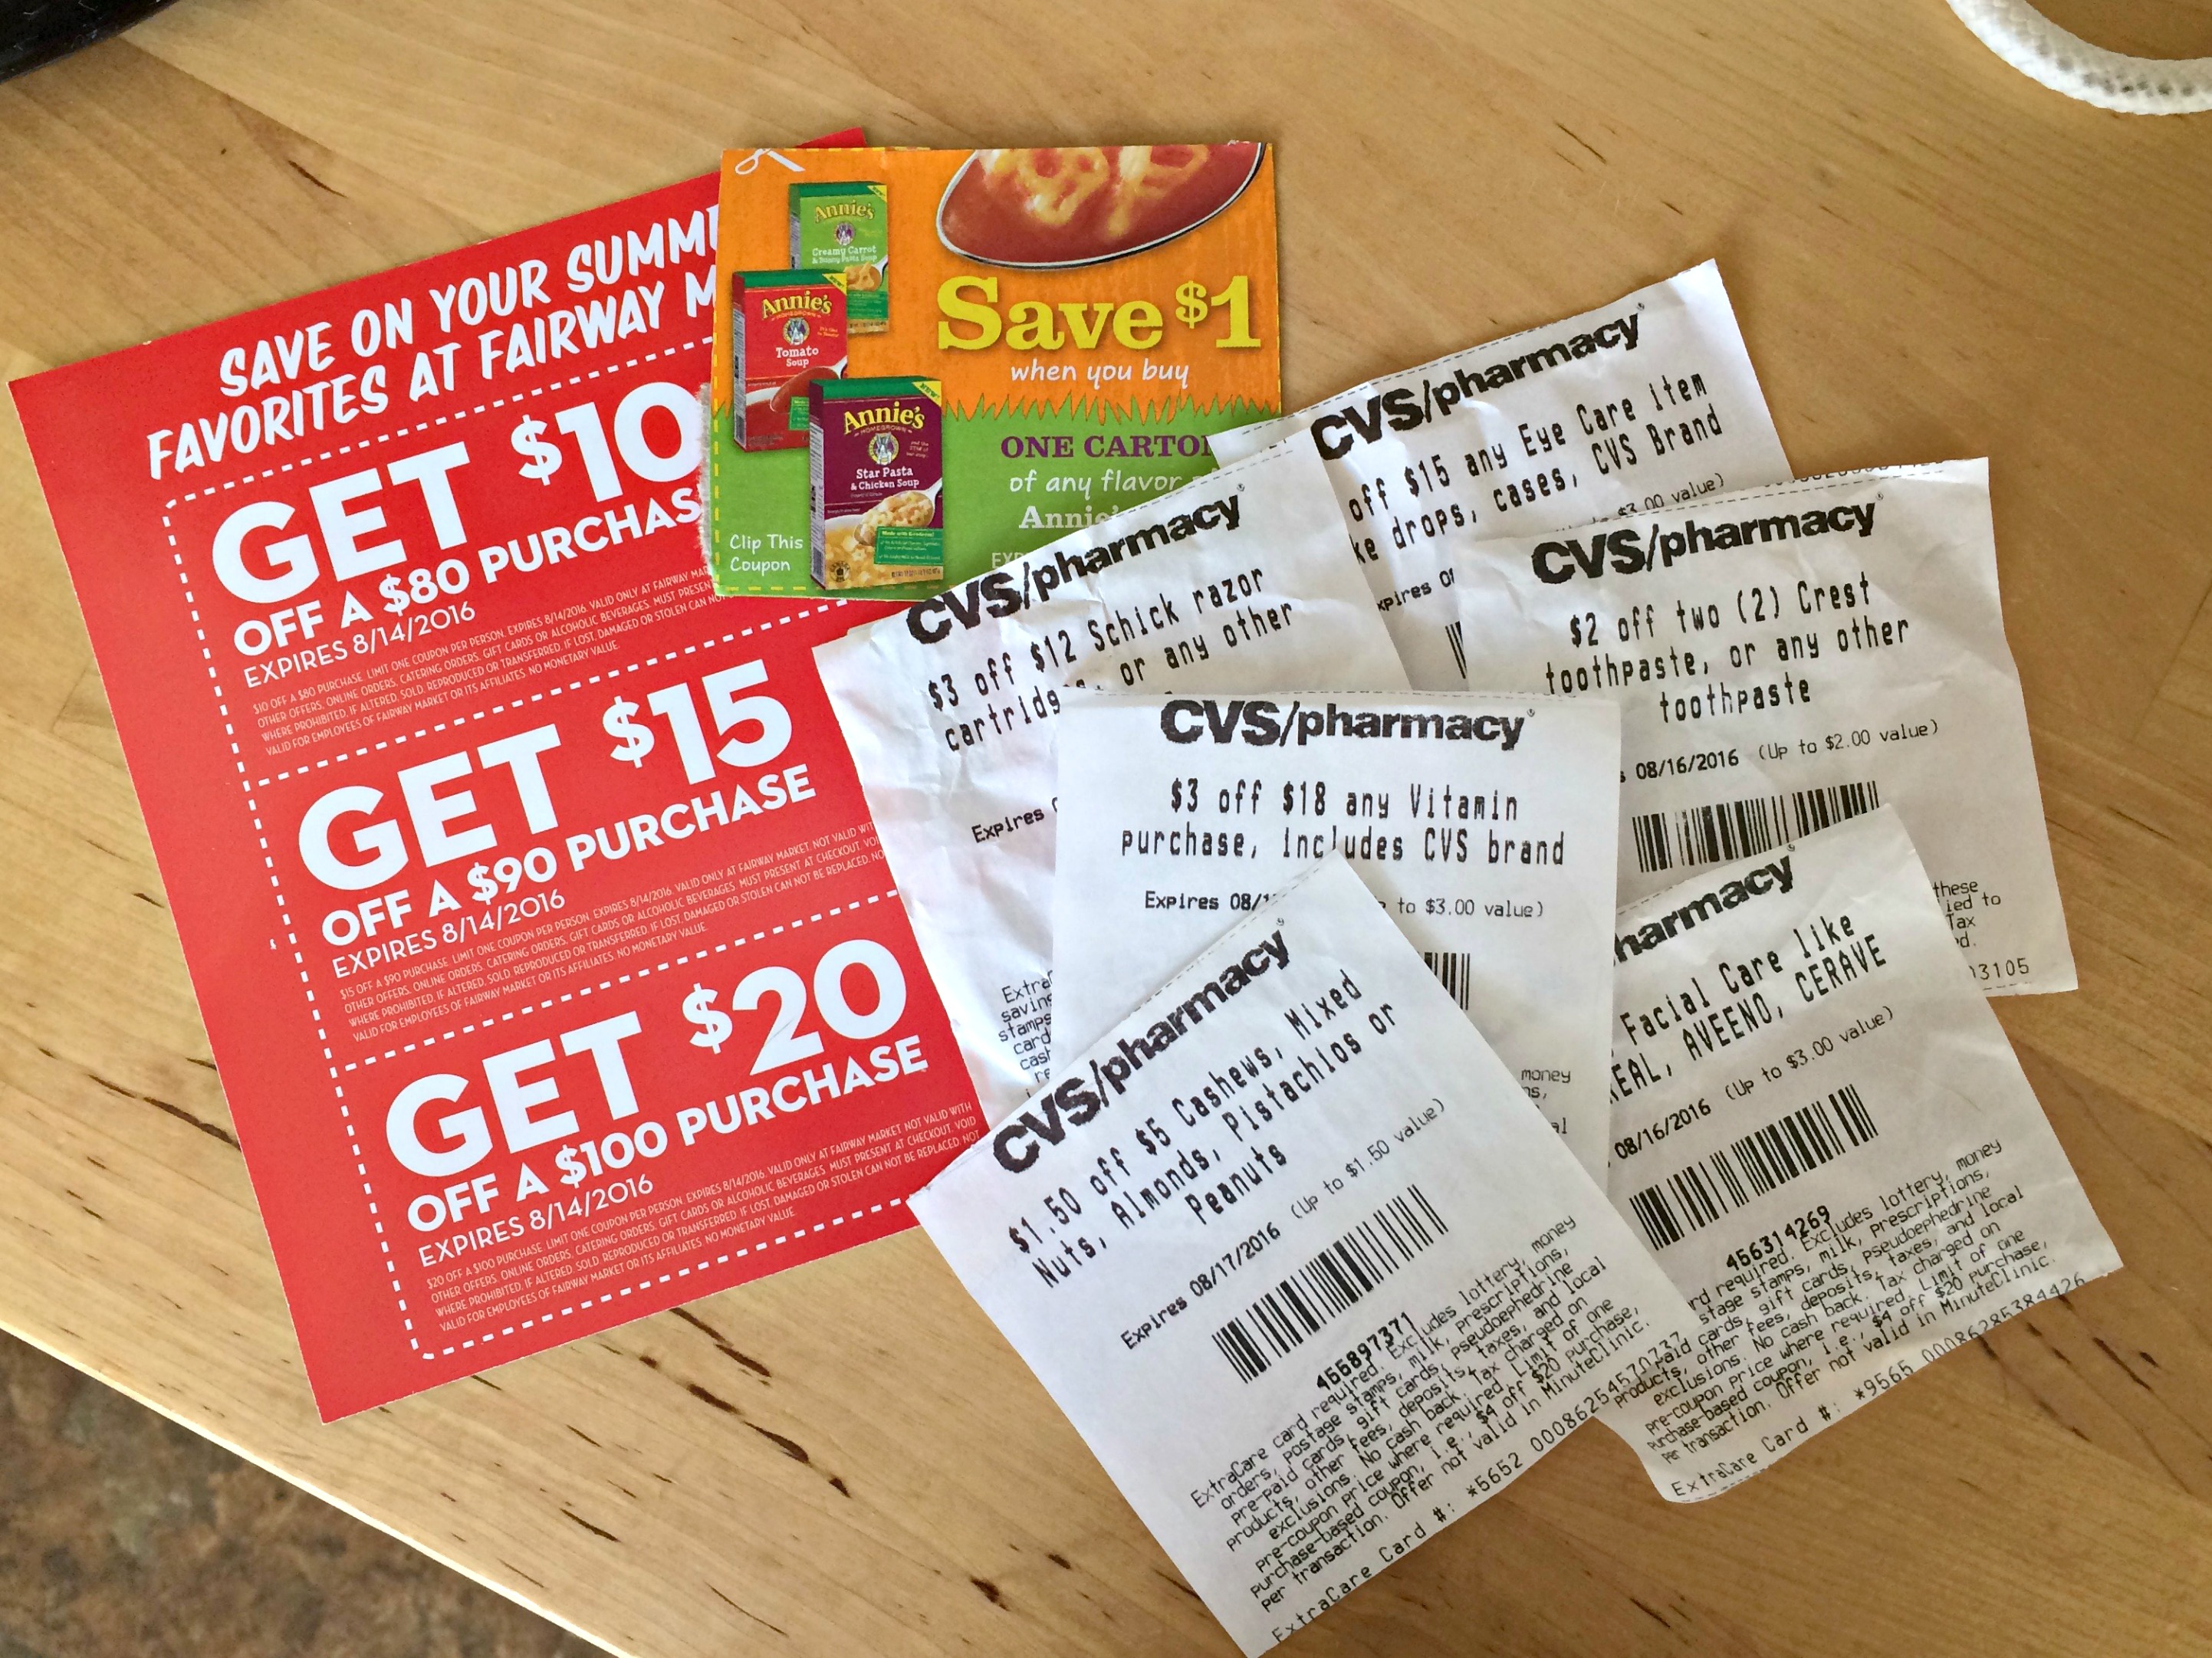 coupons and CVS savings